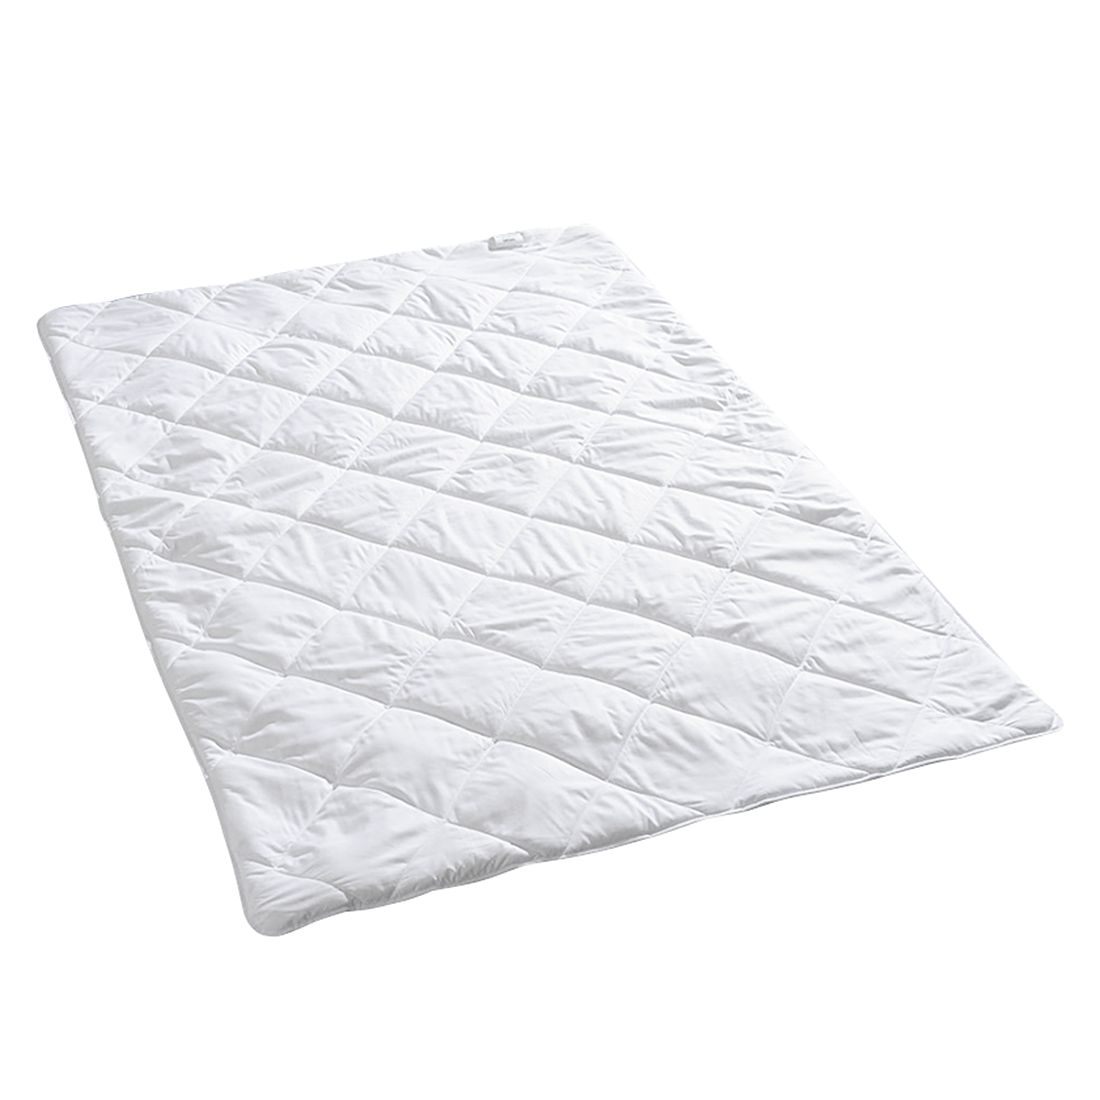 Bettwaren-Shop Winterdecke Allergovita – 100% Polyester Weiß – Ausführung 200×200 cm, Bettwaren-Shop günstig online kaufen